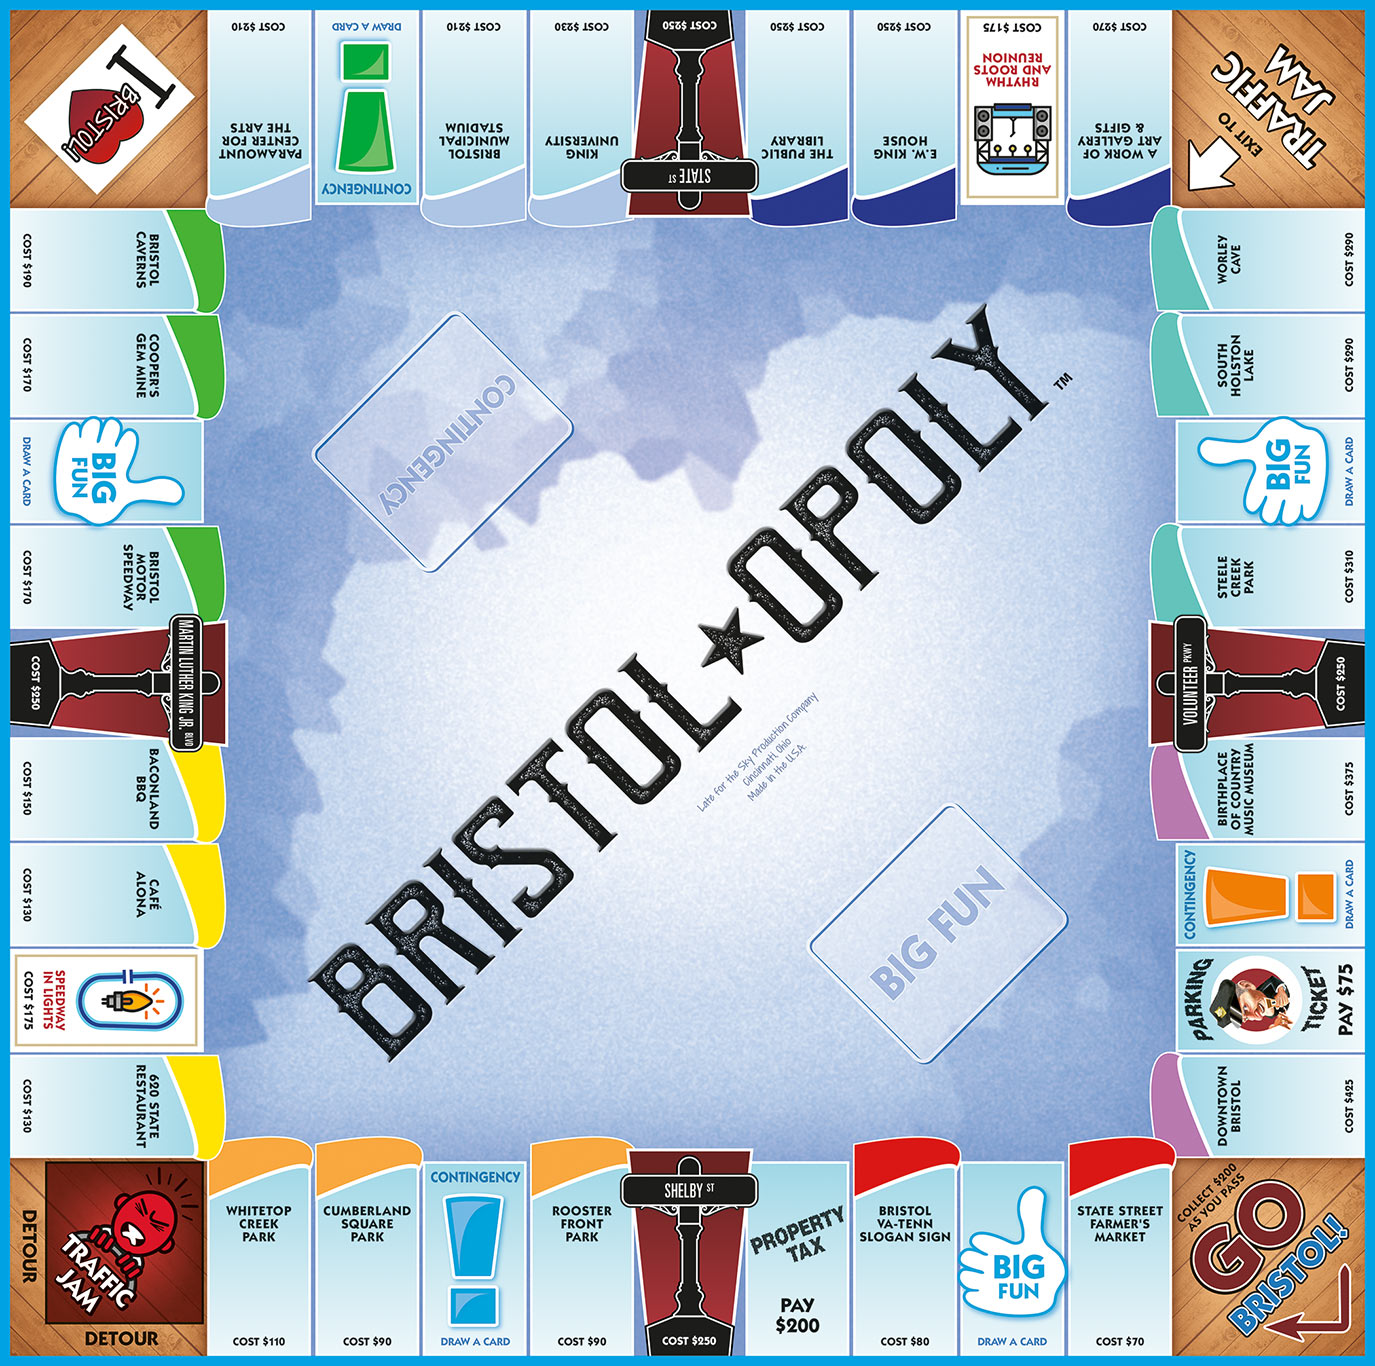 BRISTOL-OPOLY Board Game